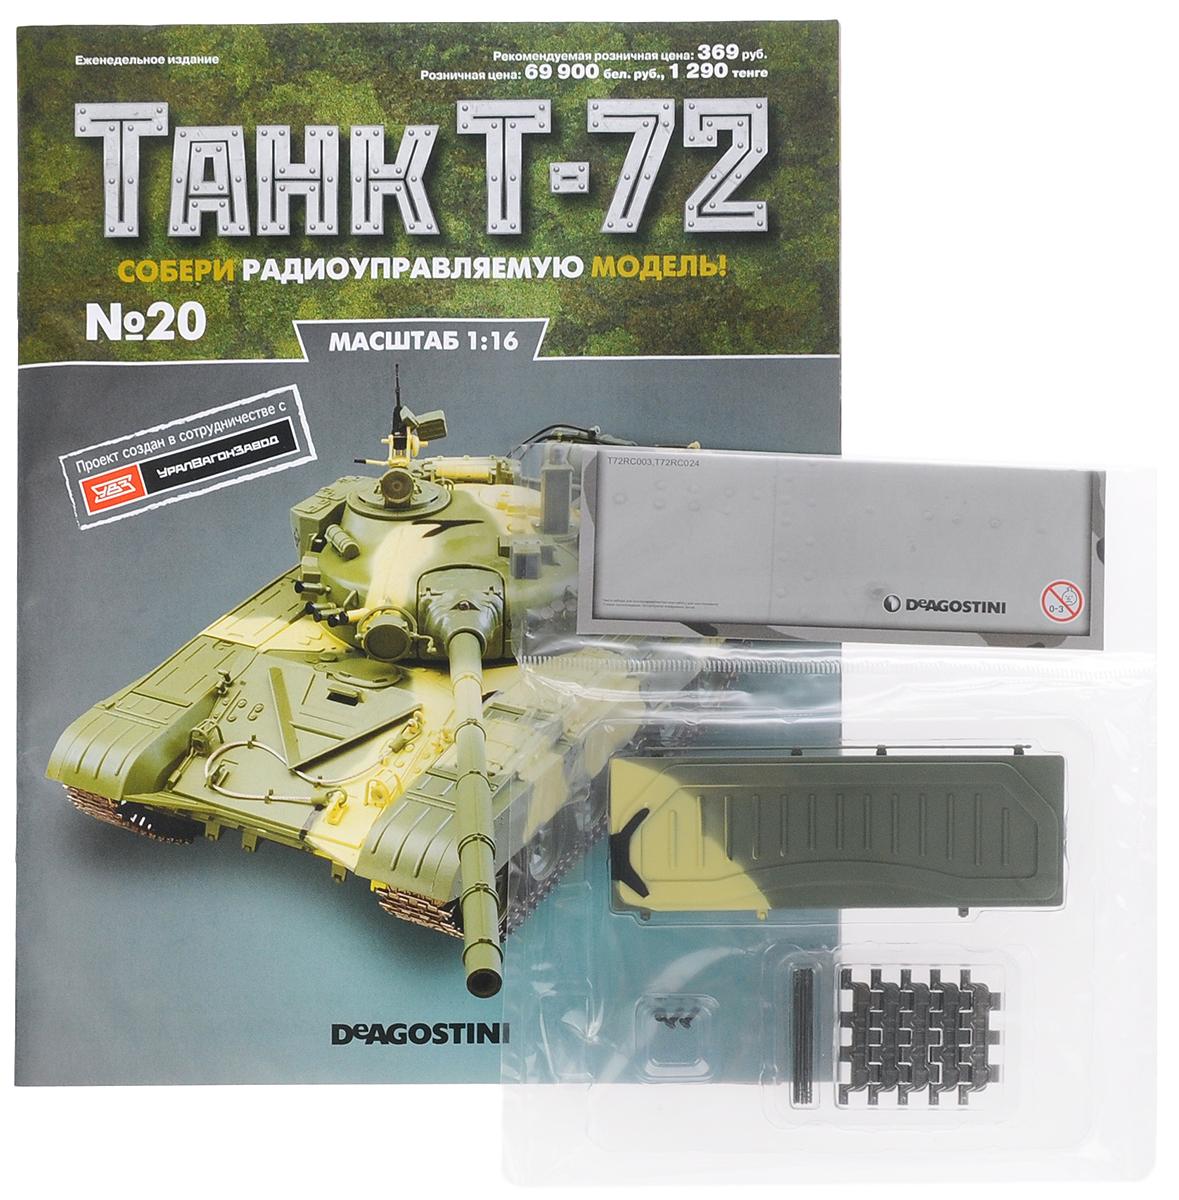 Журнал Танк Т-72 №20TRC020Перед вами - журнал из уникальной серии партворков Танк Т-72 с увлекательной информацией о легендарных боевых машинах и элементами для сборки копии танка Т-72 в уменьшенном варианте 1:16. У вас есть возможность собственноручно создать высококачественную модель этого знаменитого танка с достоверным воспроизведением всех элементов, сохранением функций подлинной боевой машины и дистанционным управлением. В комплекте: 1. Внешняя броневая панель моторного отсека; 2. Винты; 3. Траки (5 шт.); 4. Пальцы (5 шт.); Категория 16+.